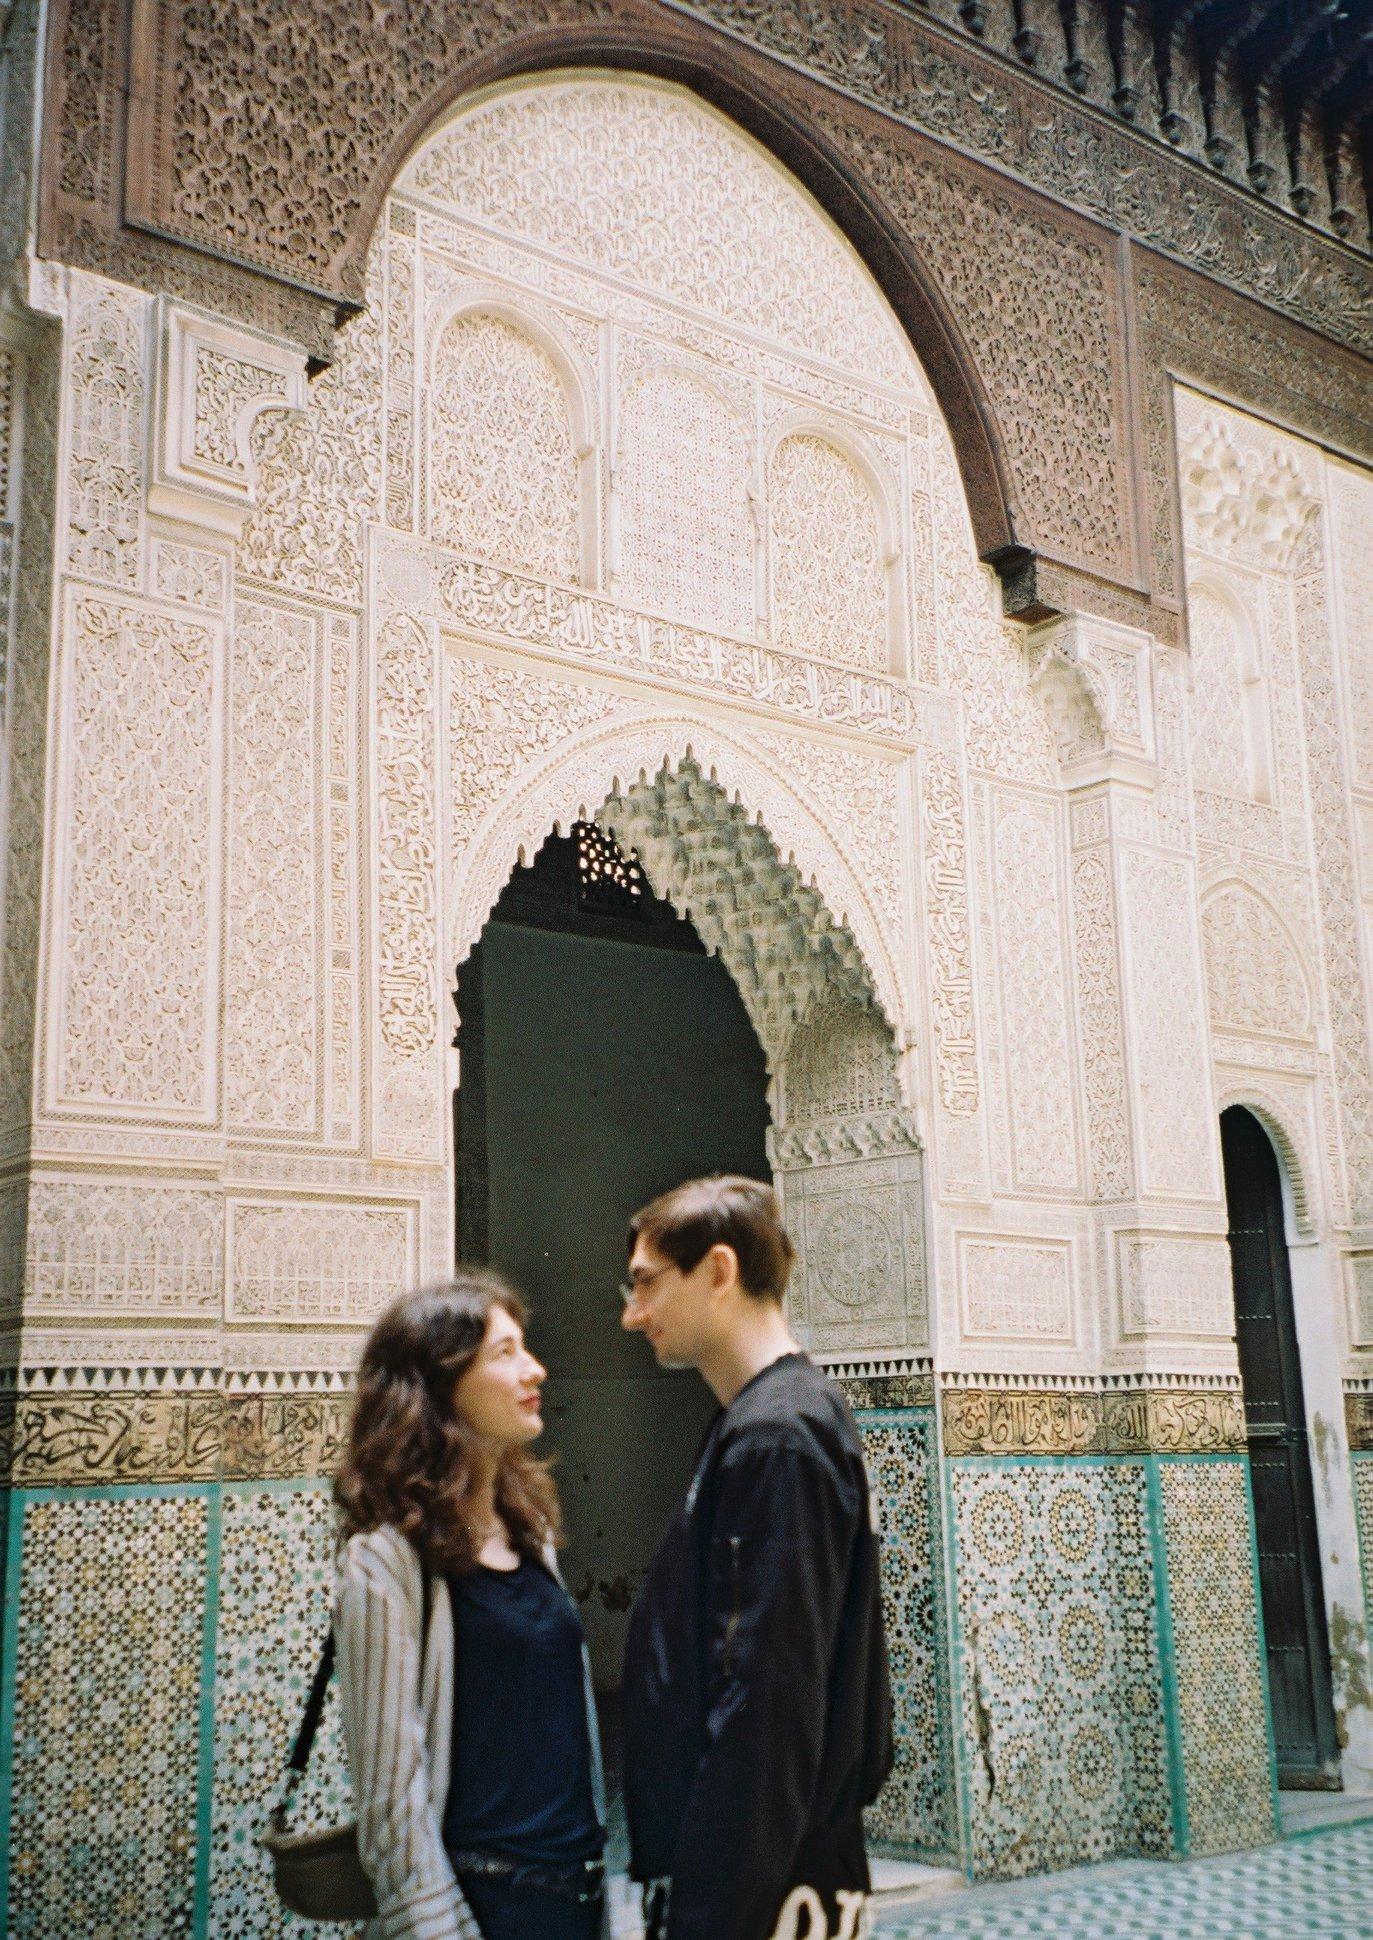 Марокко фото, Путешествие в Марокко, Медина Фото, Фес марокко